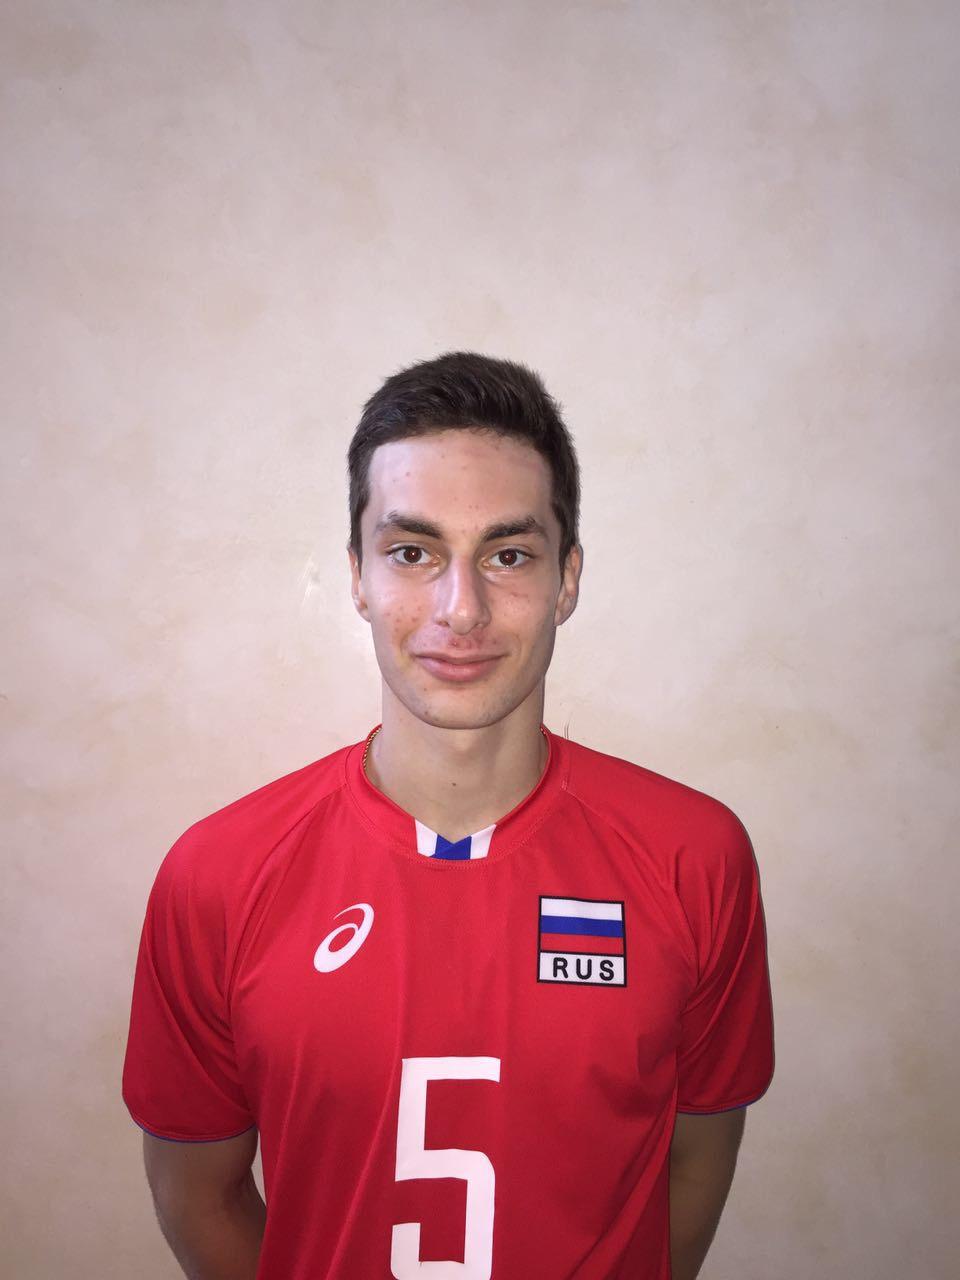 Konstantin Abaev